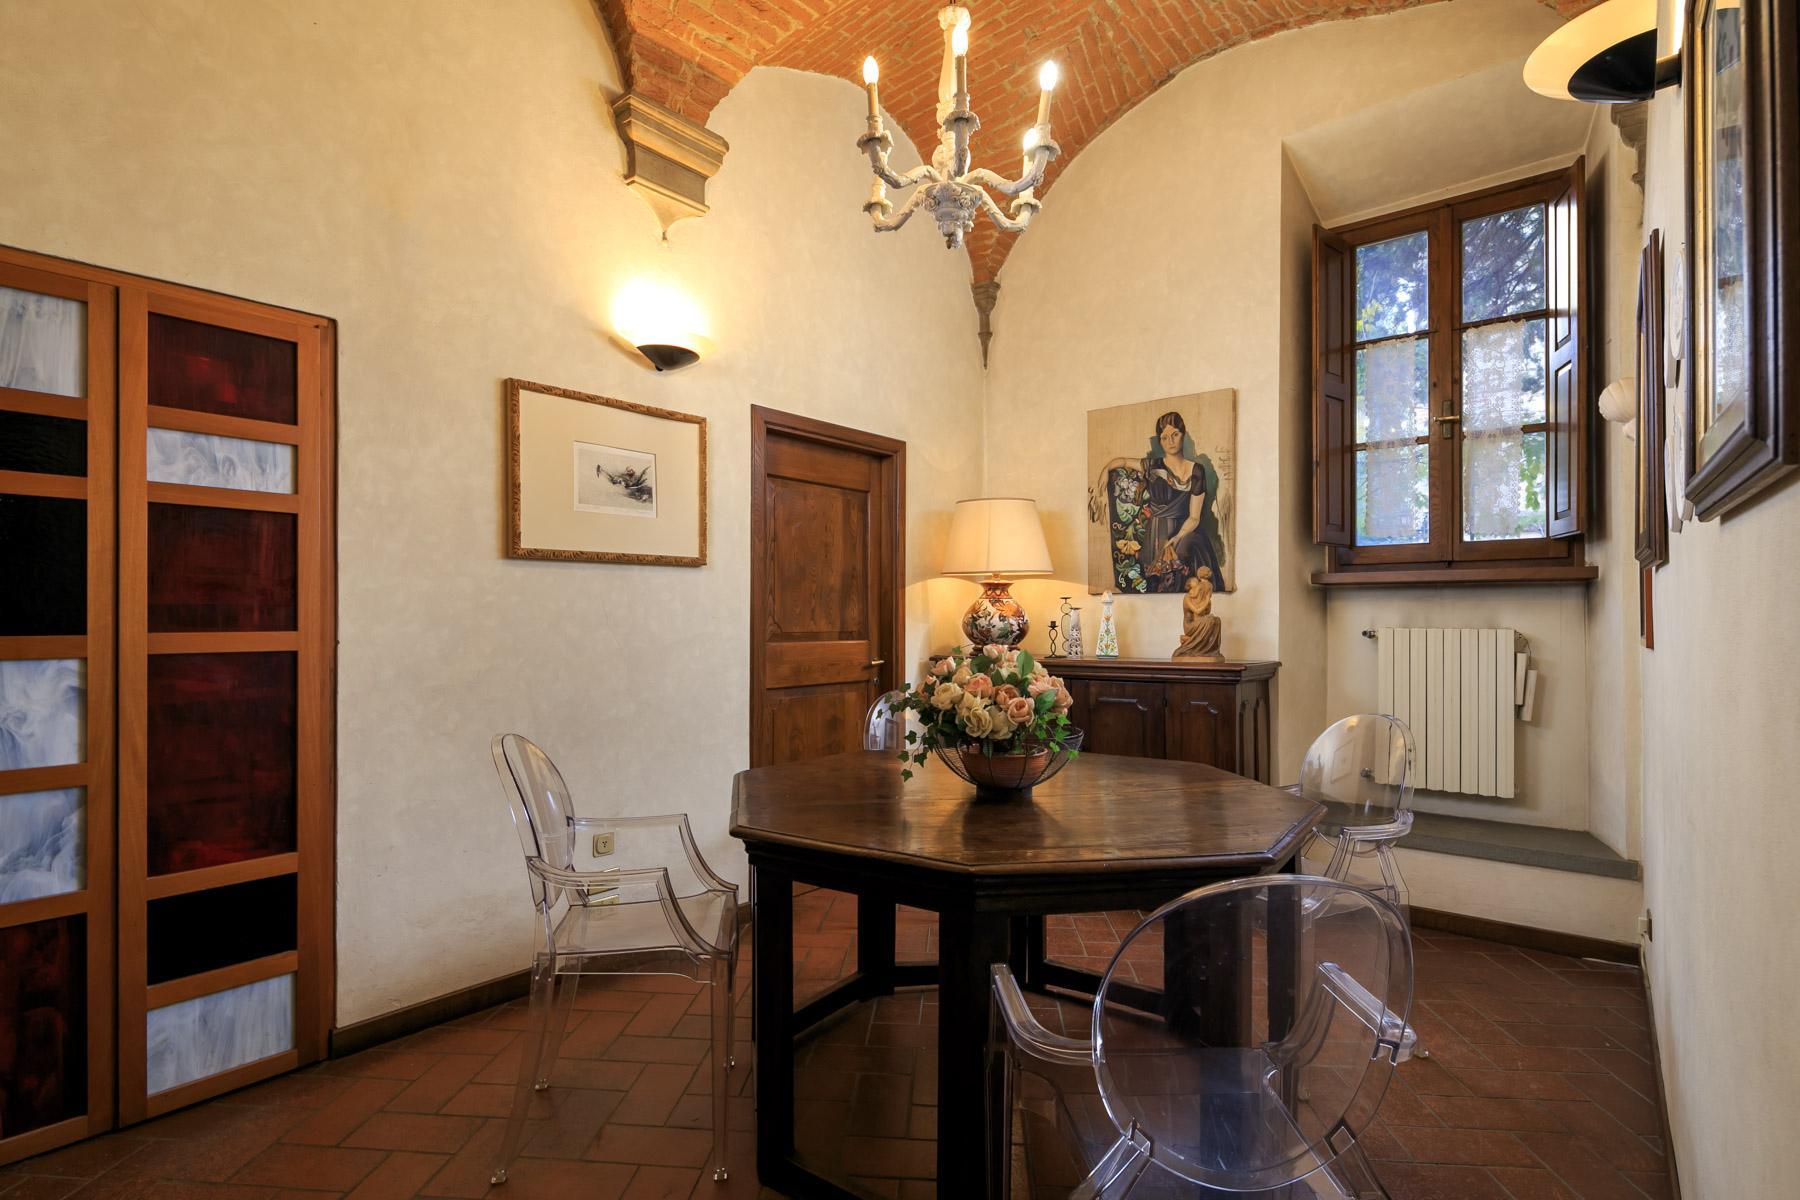 Palazzo Rinascimentale in Vendita a pochi passi da Piazza Grande, Arezzo - 5